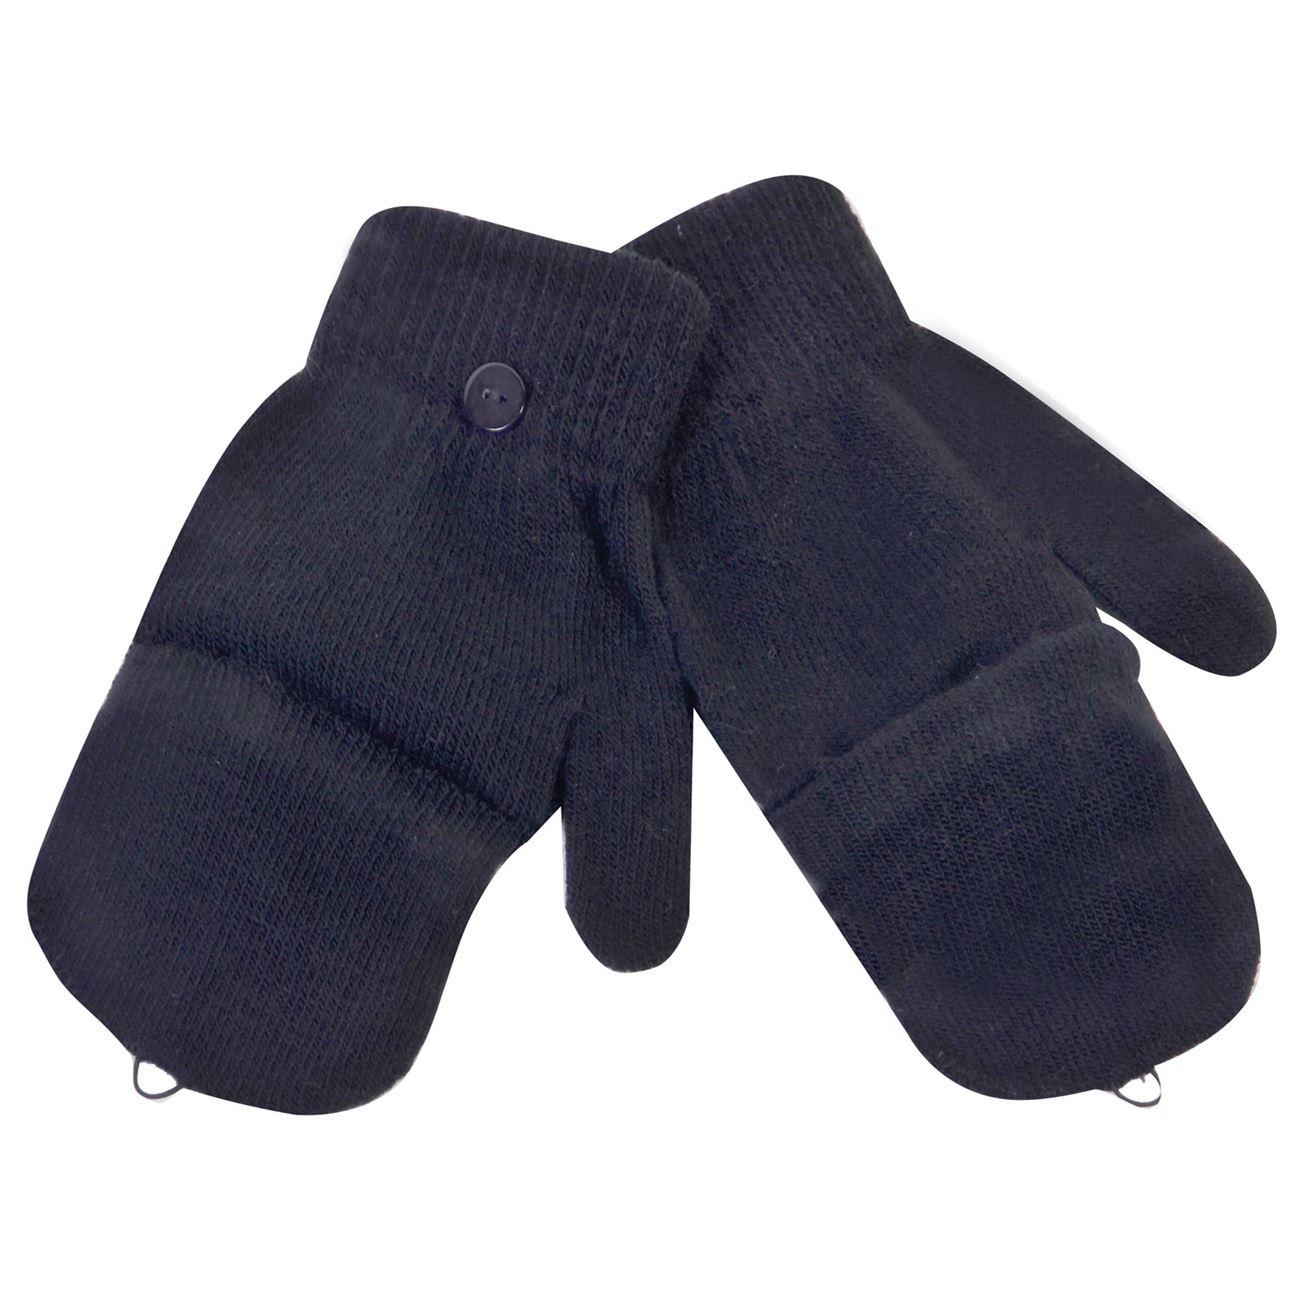 Γάντια Γυναικεία Κοφτά   Γάντια Γυναικεία Κοφτά  23637c9c393